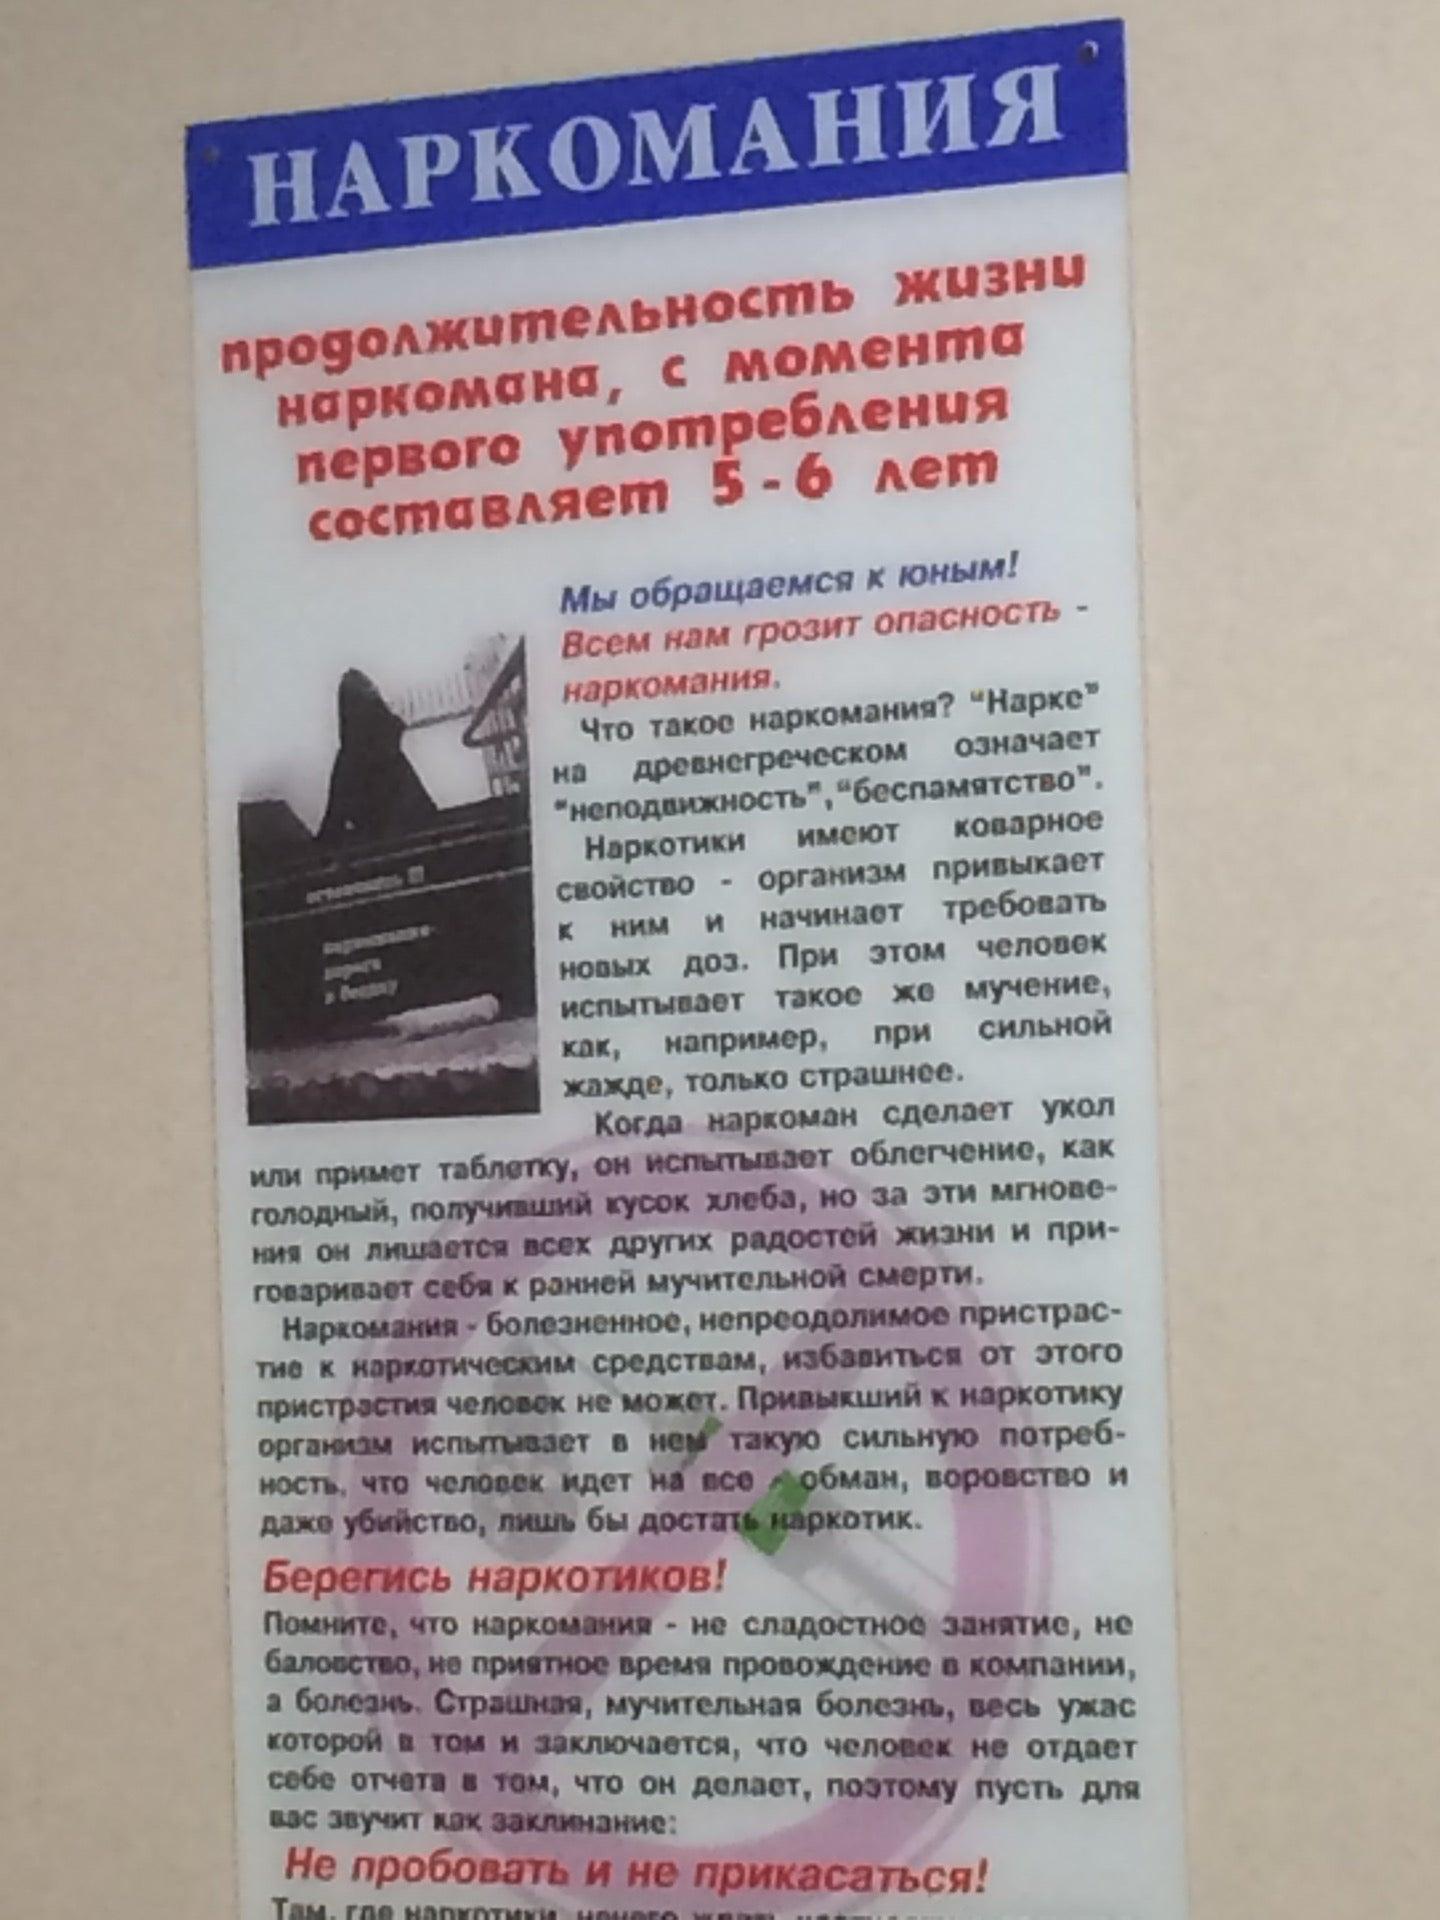 Отдел социальной защиты населения при администрации невского района